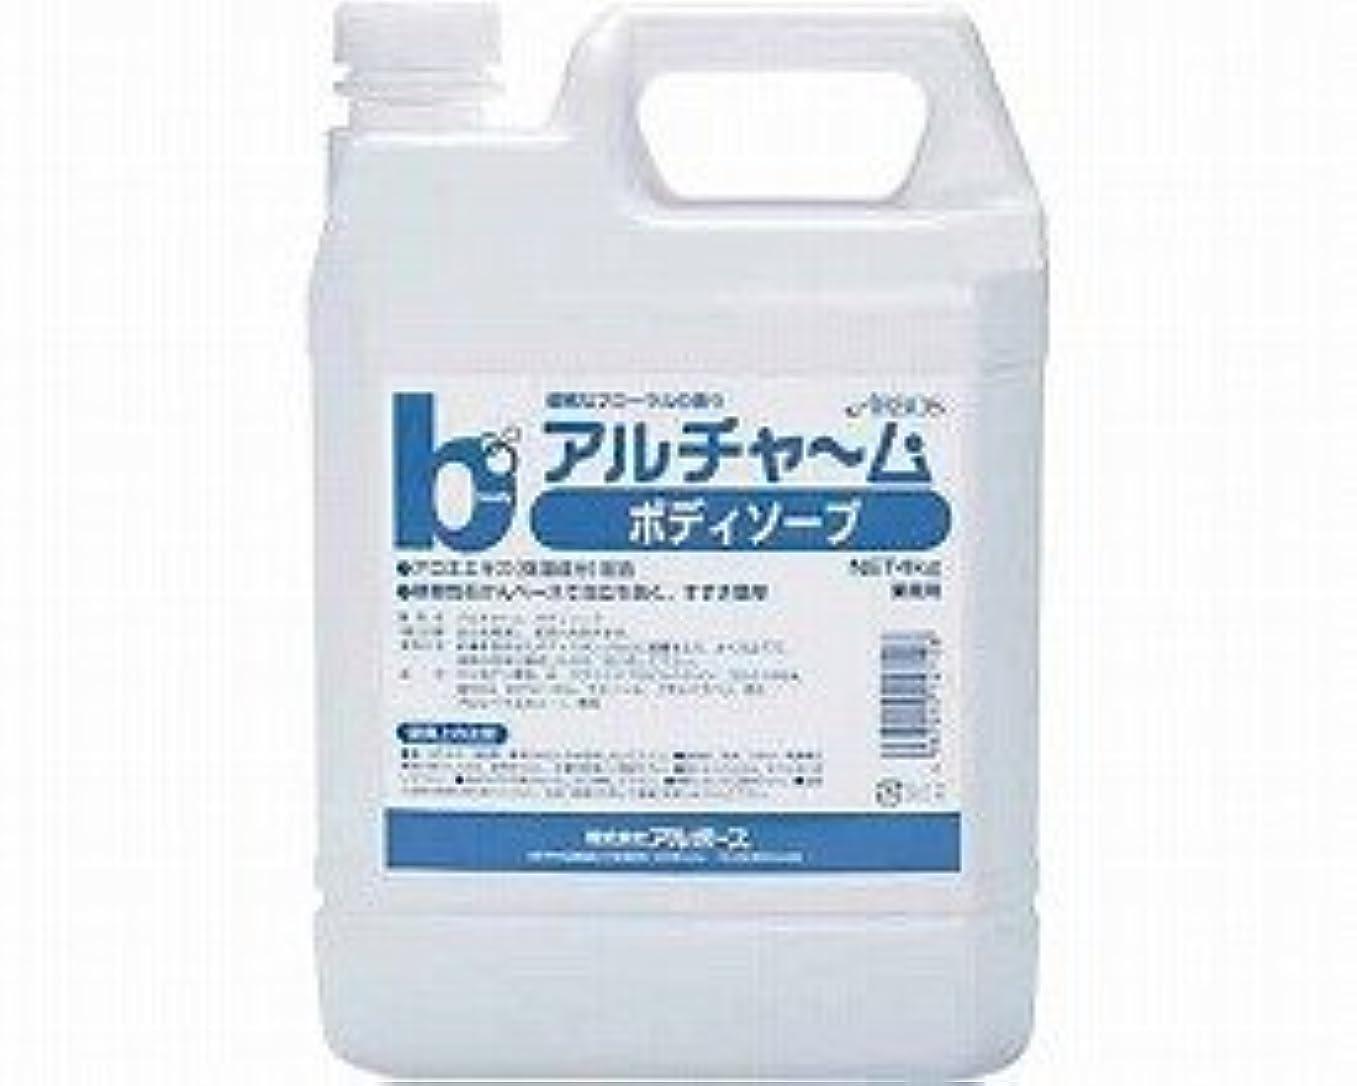 上向き時刻表控えめなアルチャーム ボディソープ 4kg (アルボース) (清拭小物)